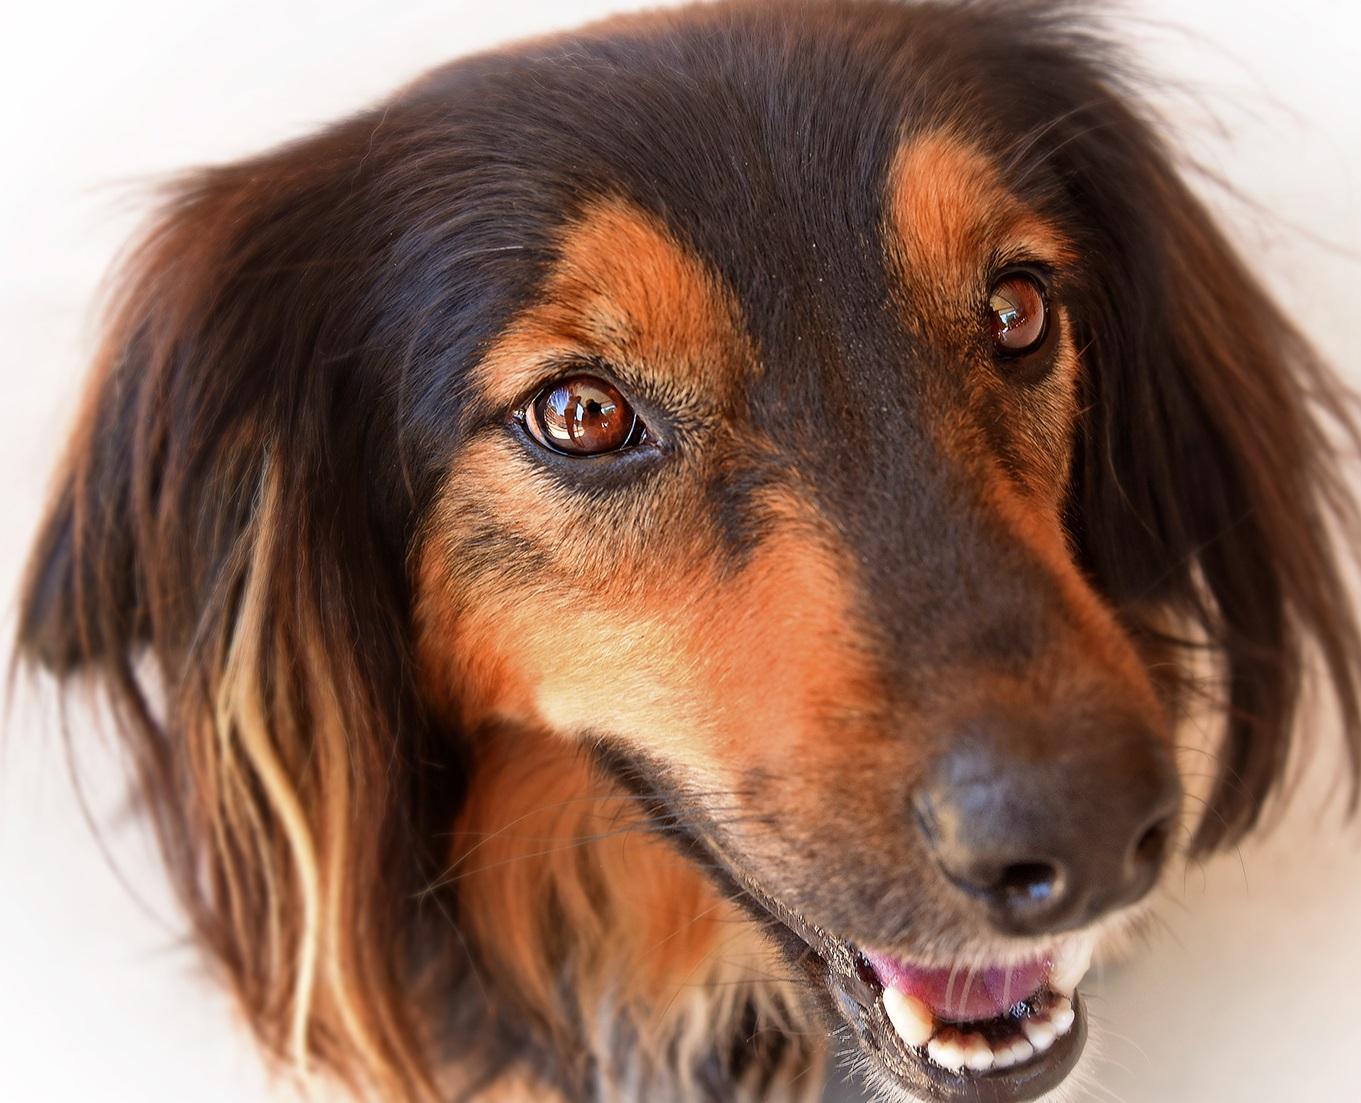 Bartonella found in dog tumors